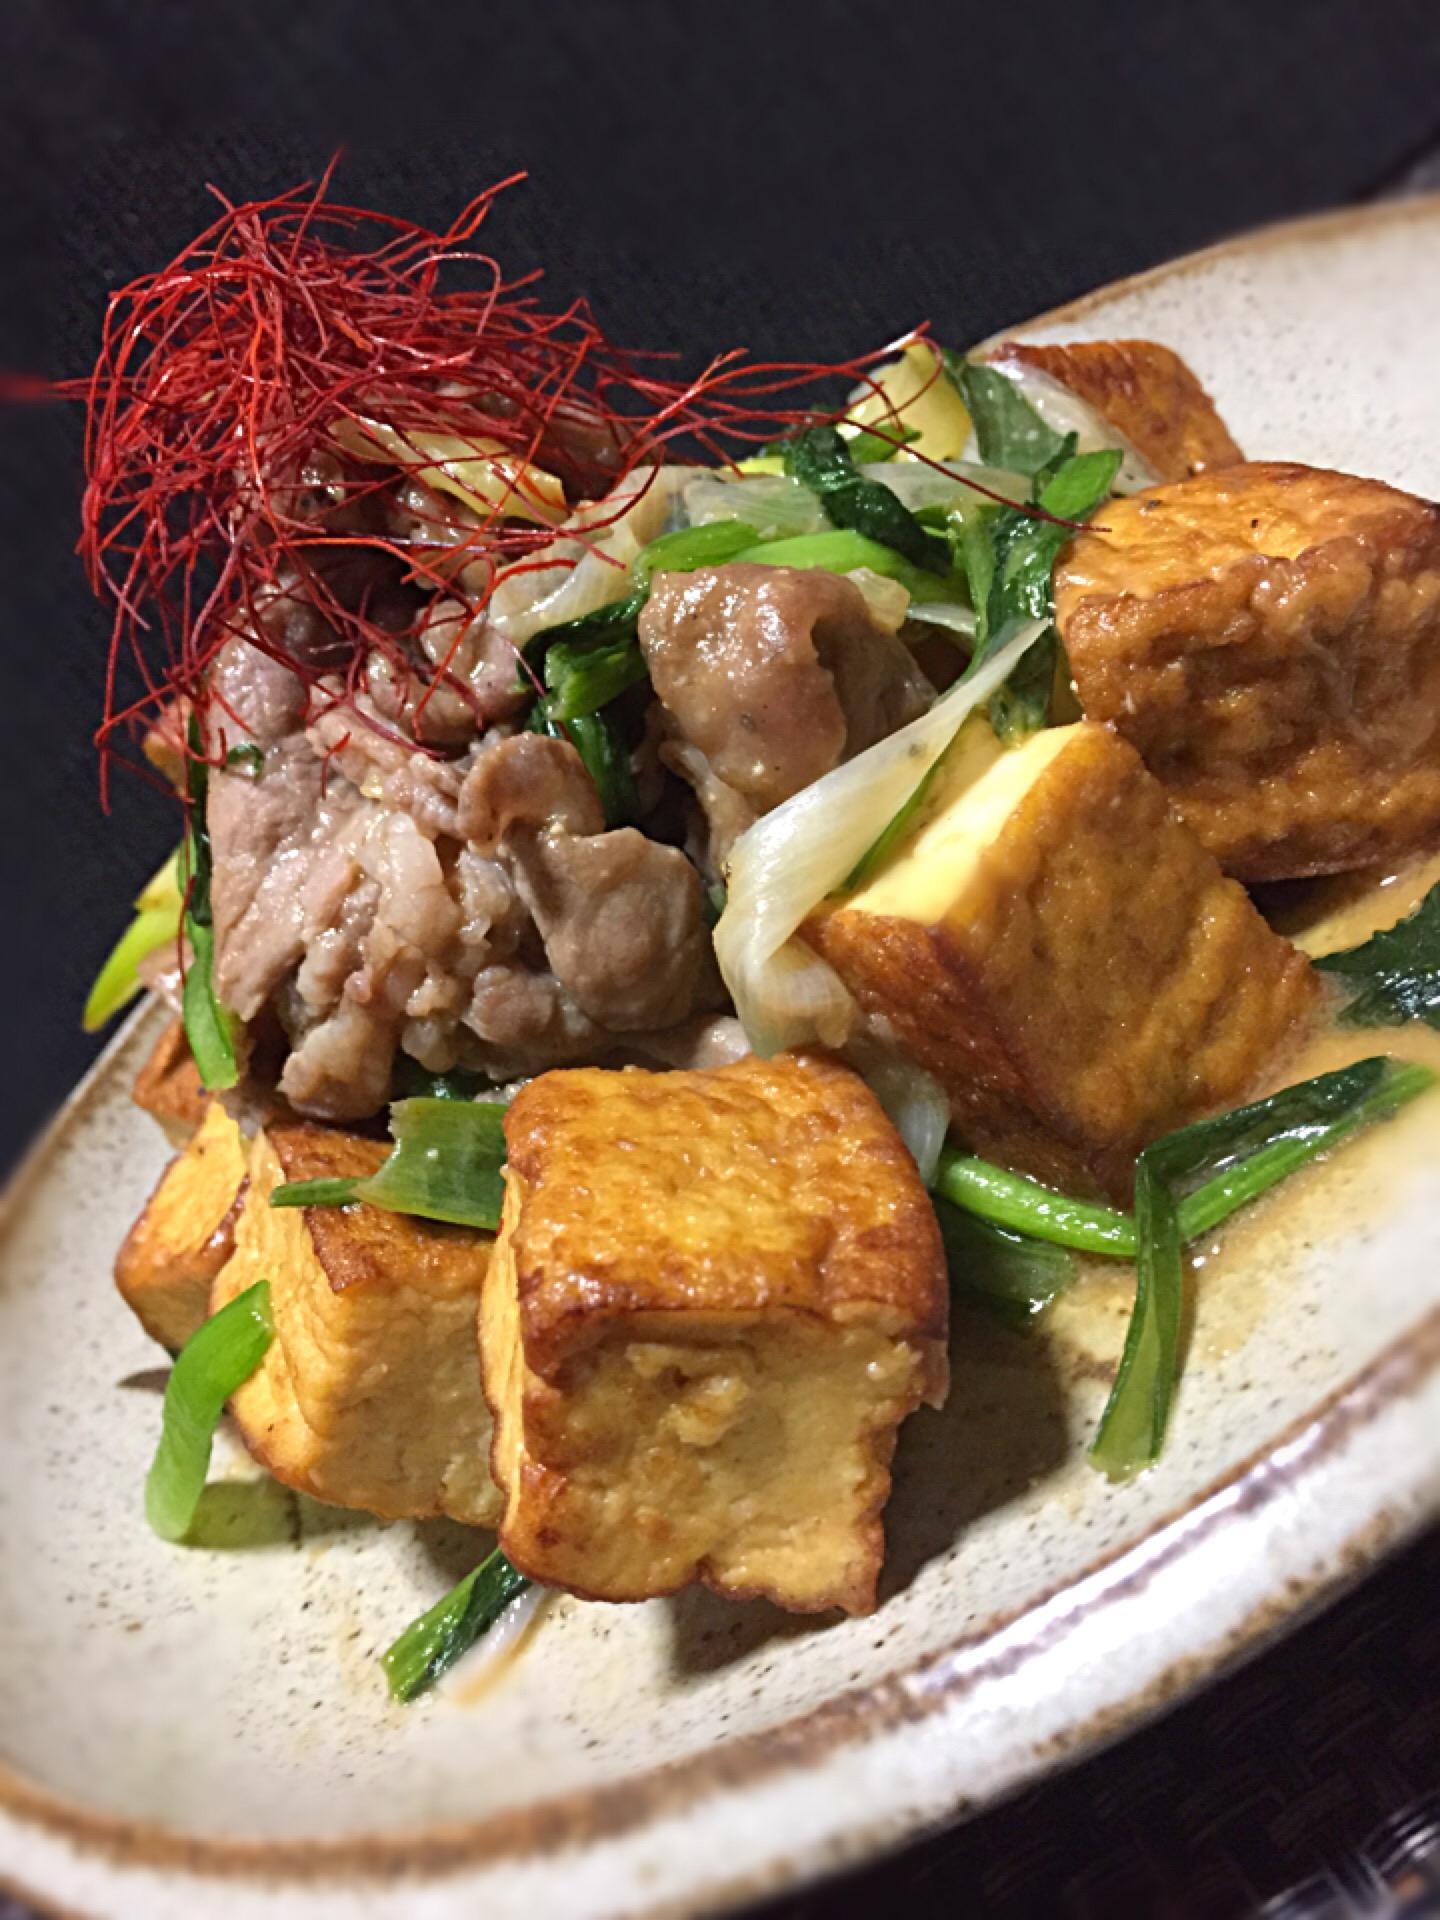 ボンバーさんの料理 豚コマと厚揚げ‼️味噌ピリ炒め